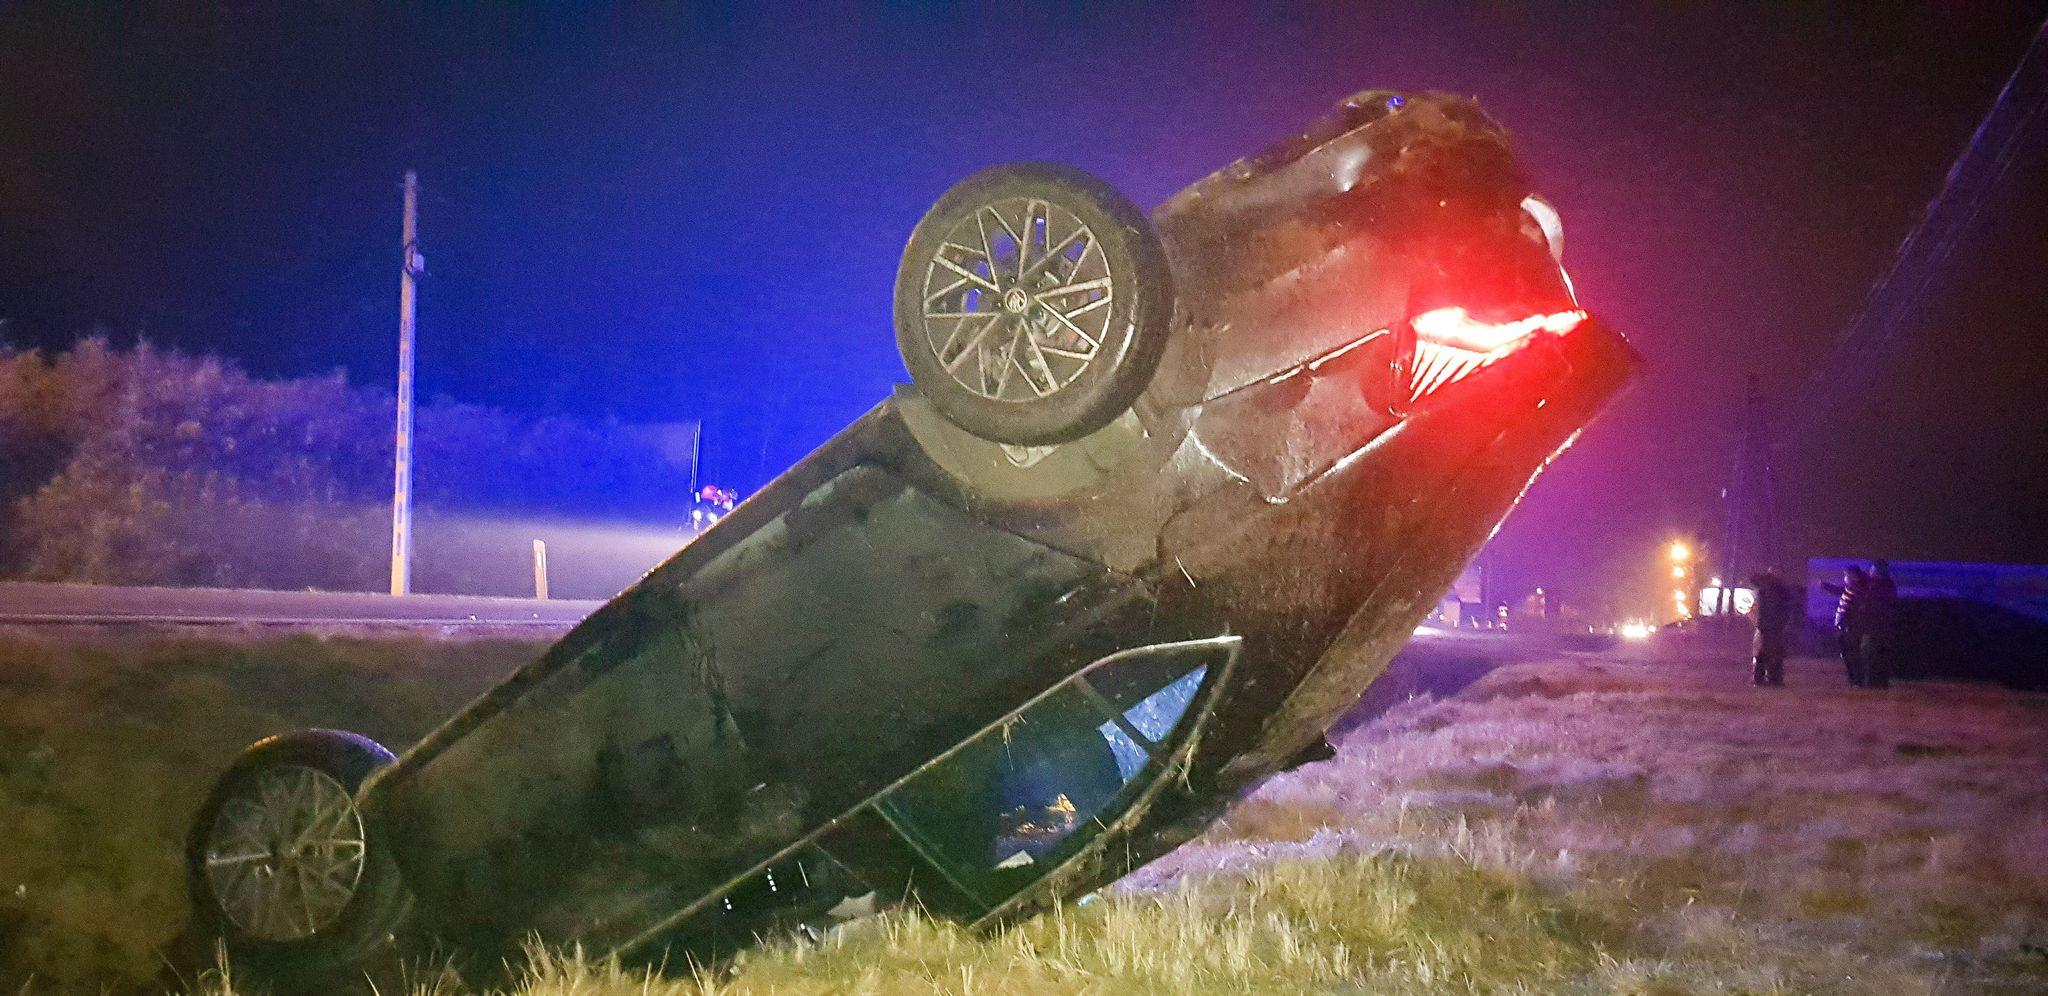 Dachowanie i ranni. Zderzenie dwóch pojazdów koło Mielca [FOTO] - Zdjęcie główne